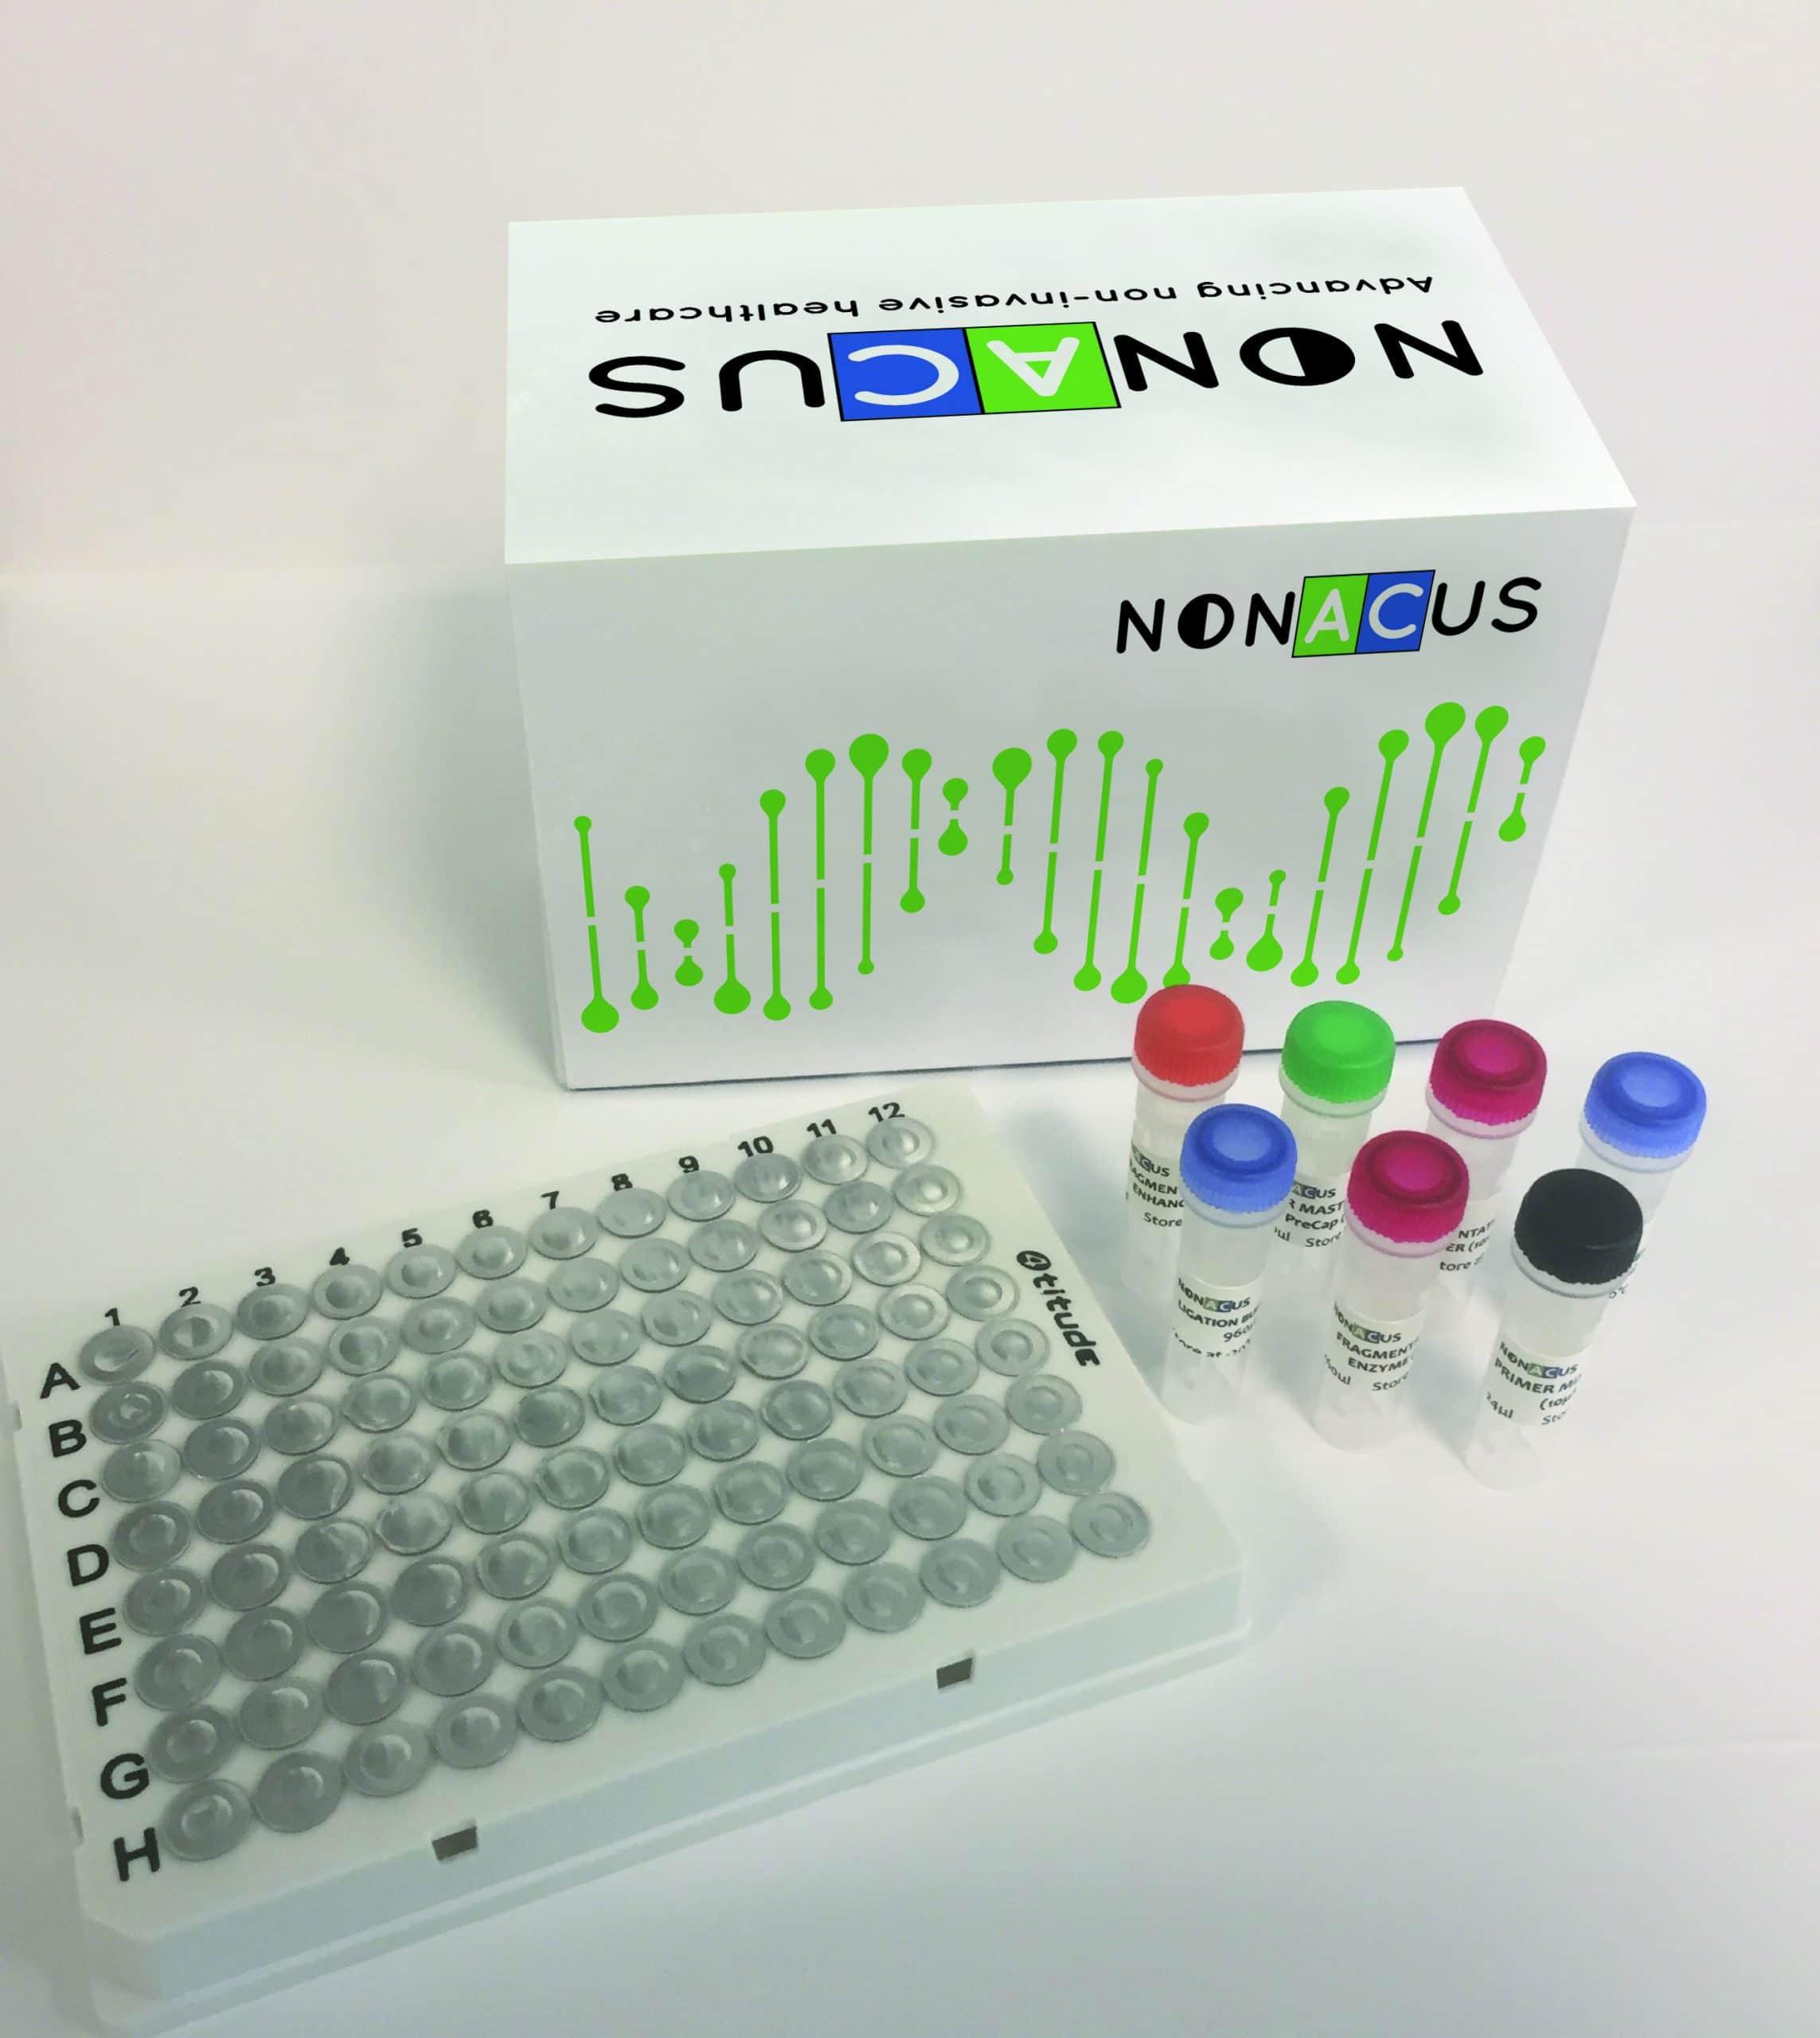 114892 Minnac - Nonacus box design-v1-ST2 1